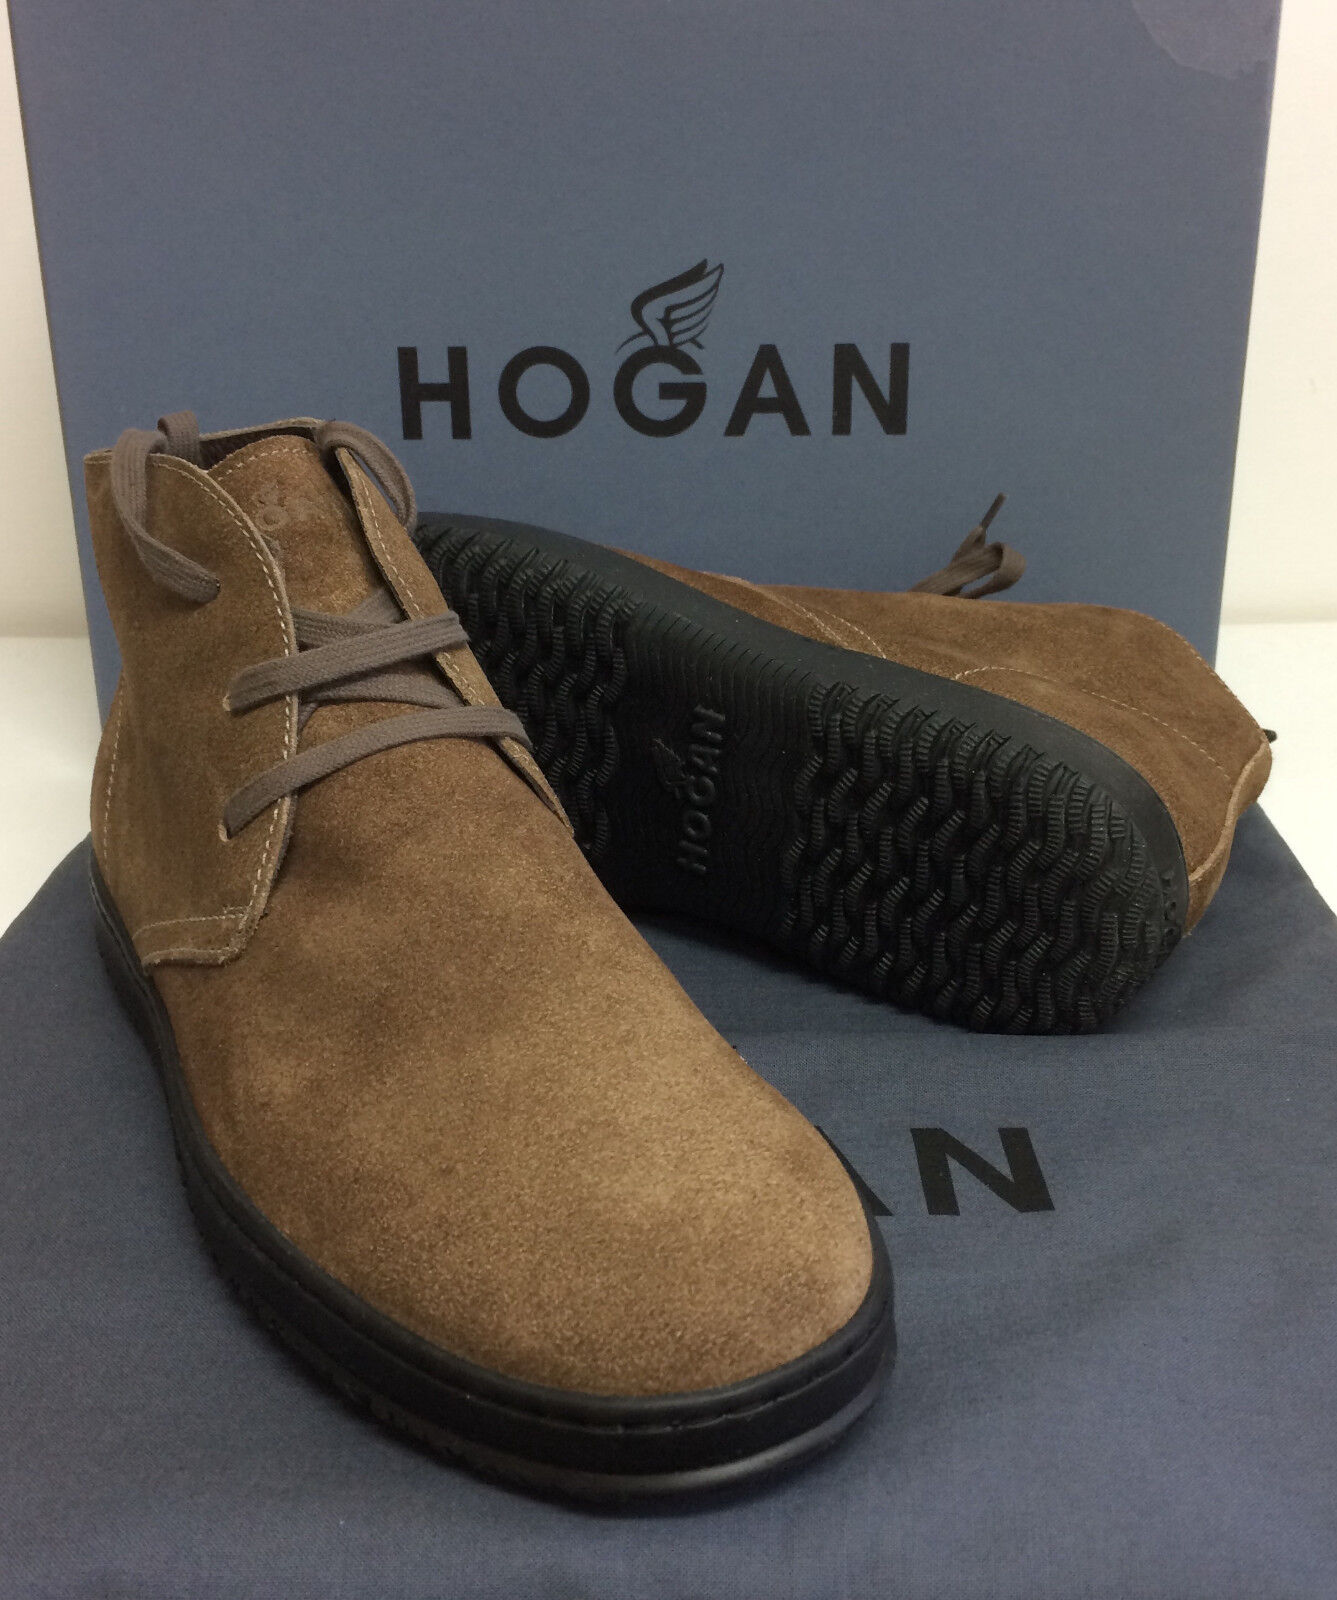 scarpe hogan polacco uomo tg. 6 5 ita 40 5 color corda modello steve mcqueen 97d1d65bf21